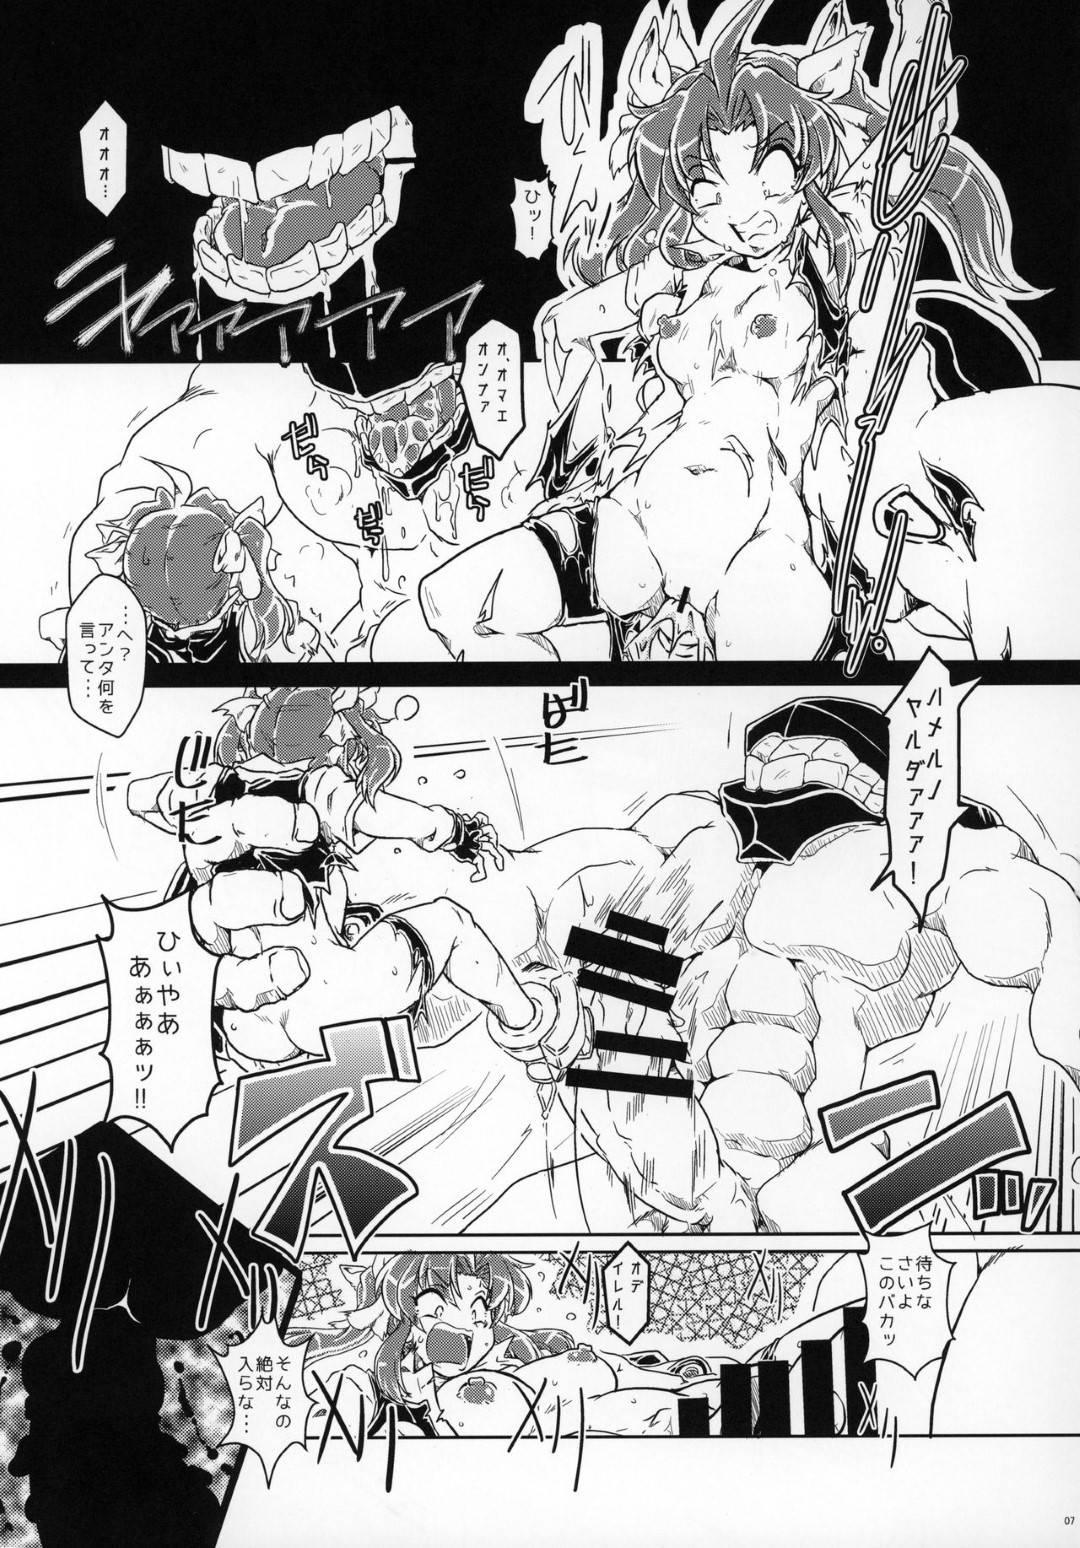 【エロ同人誌】巨大怪人に襲われてしまった陽炎。圧倒的な力に為す術のない彼女は、異常に肥大したデカマラを挿入されて強姦されてしまう!腹を貫きそうなデカマラでバックや正常位で突かれて大量中出し。【艦隊これくしょん -艦これ-/C97】